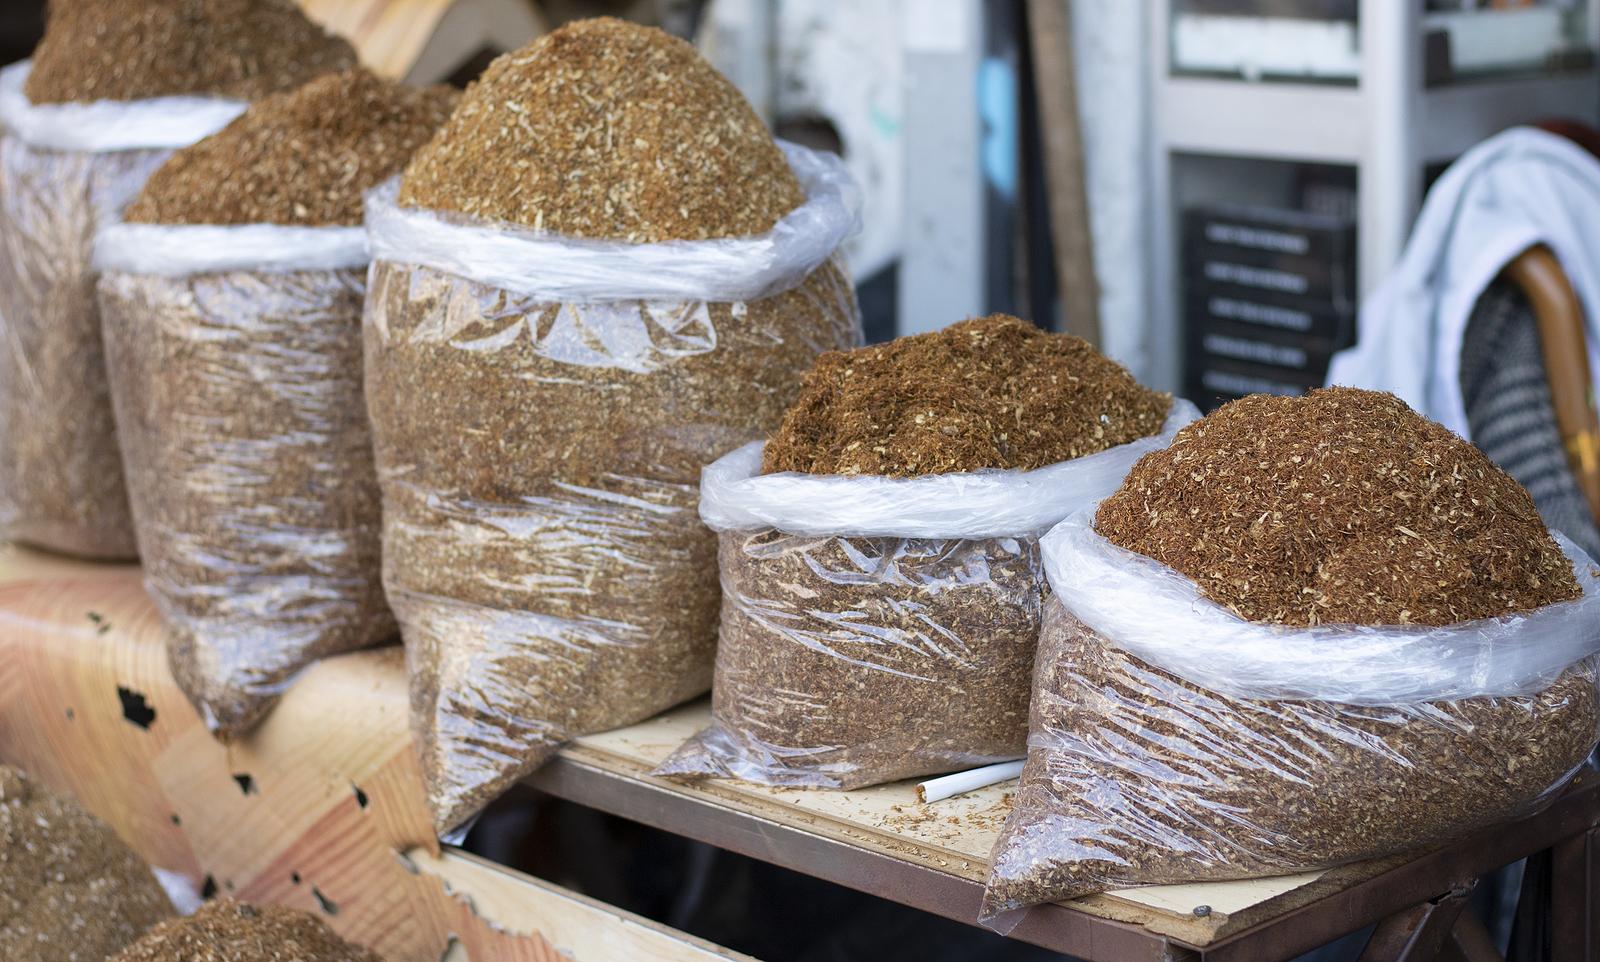 KAS, CBŚP i słowacka Służba Celna wykryły nielegalną fabrykę tytoniu